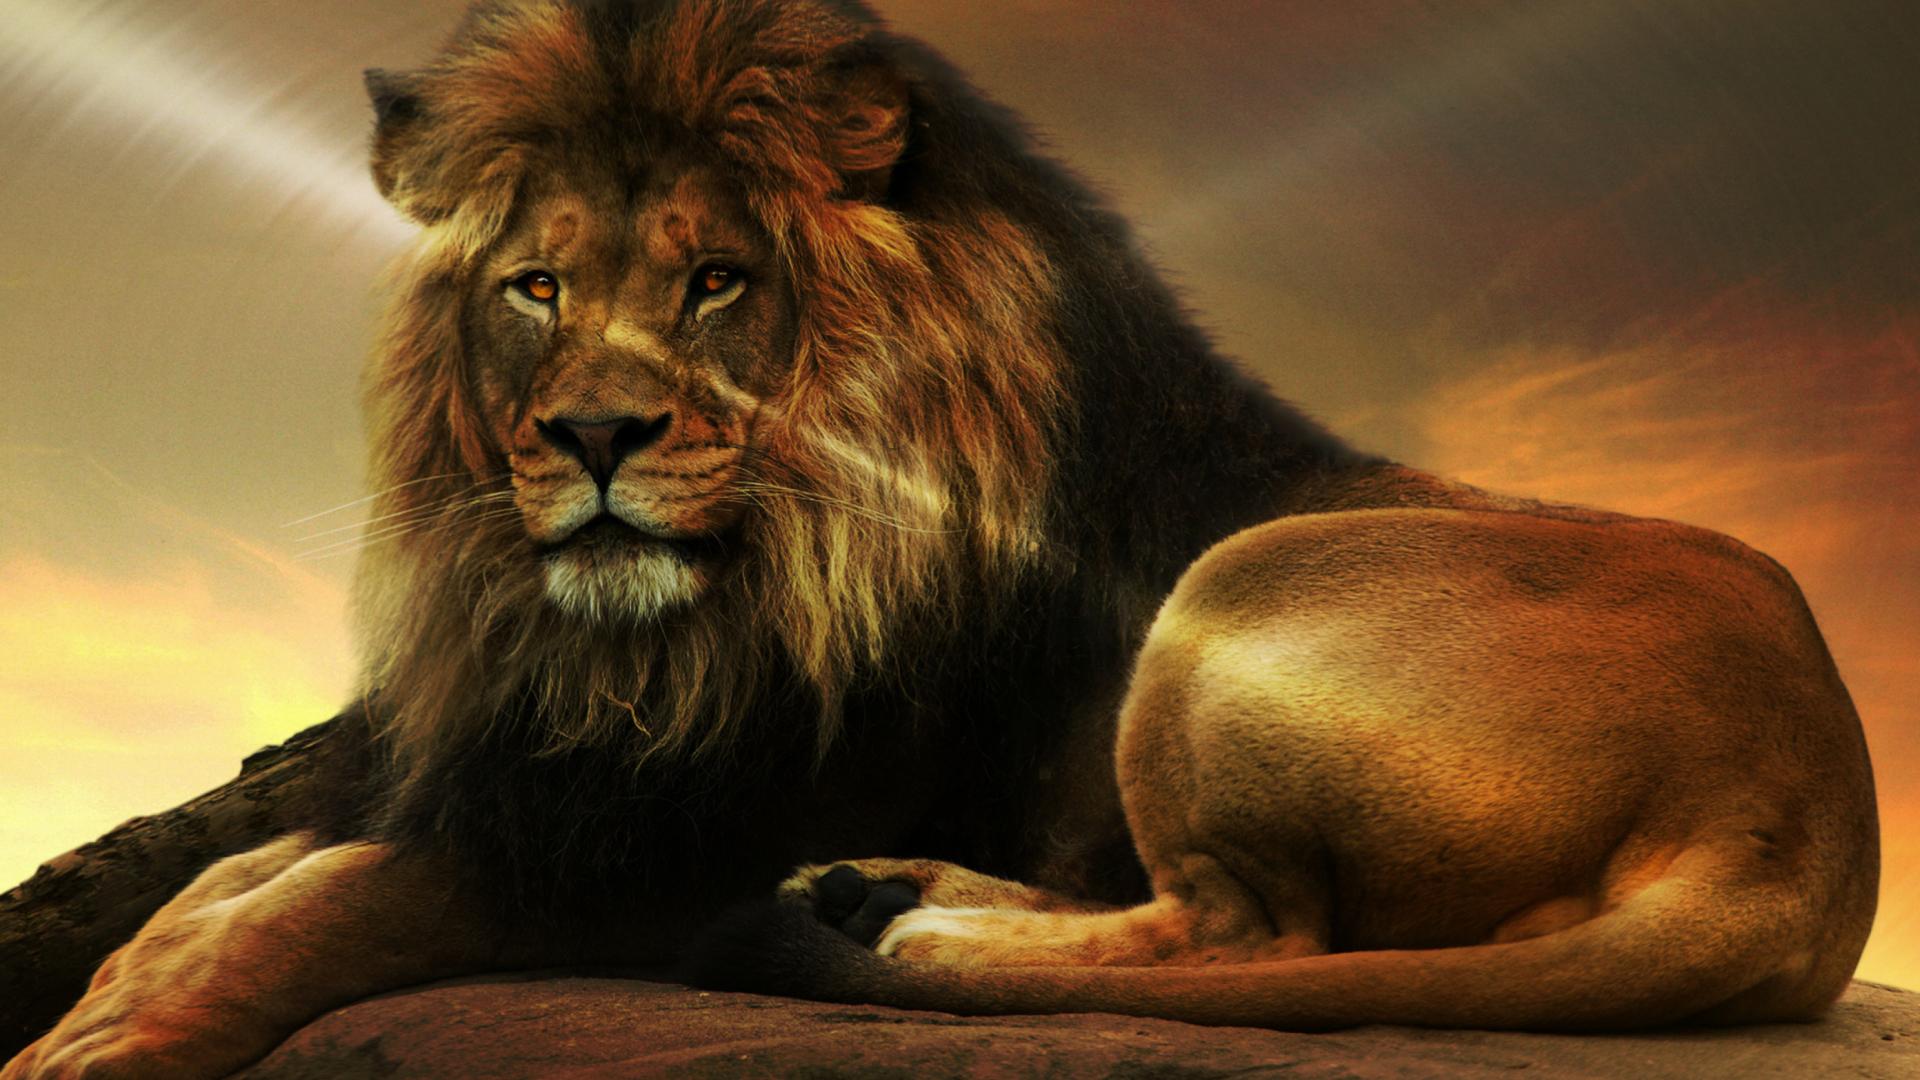 HD Lion for 1920x1080 Wallpaper Full Desktop